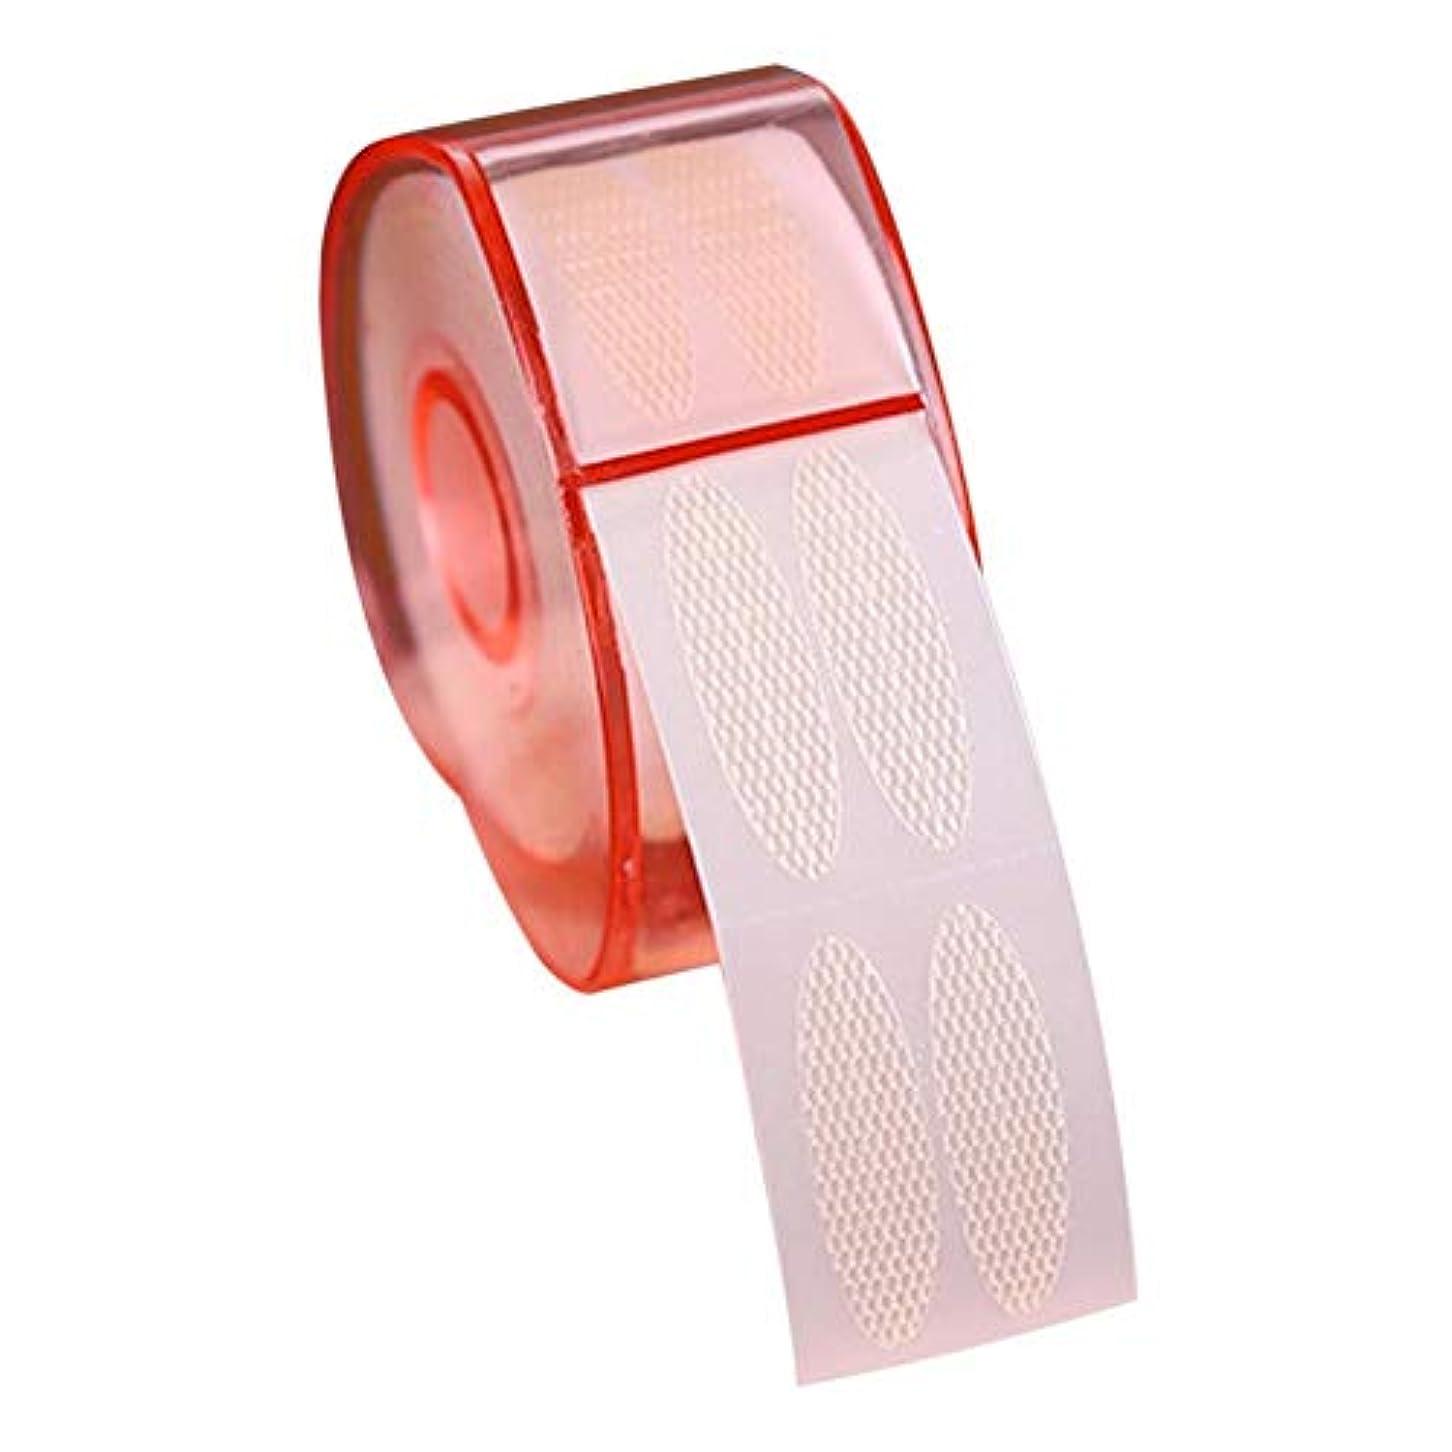 オペレーター脅迫ビクターRagem 二重まぶたステッカー 二重まぶたテープ 見えない レース テープロール 通気性 防水 ナチュラル 魅力的 2タイプ